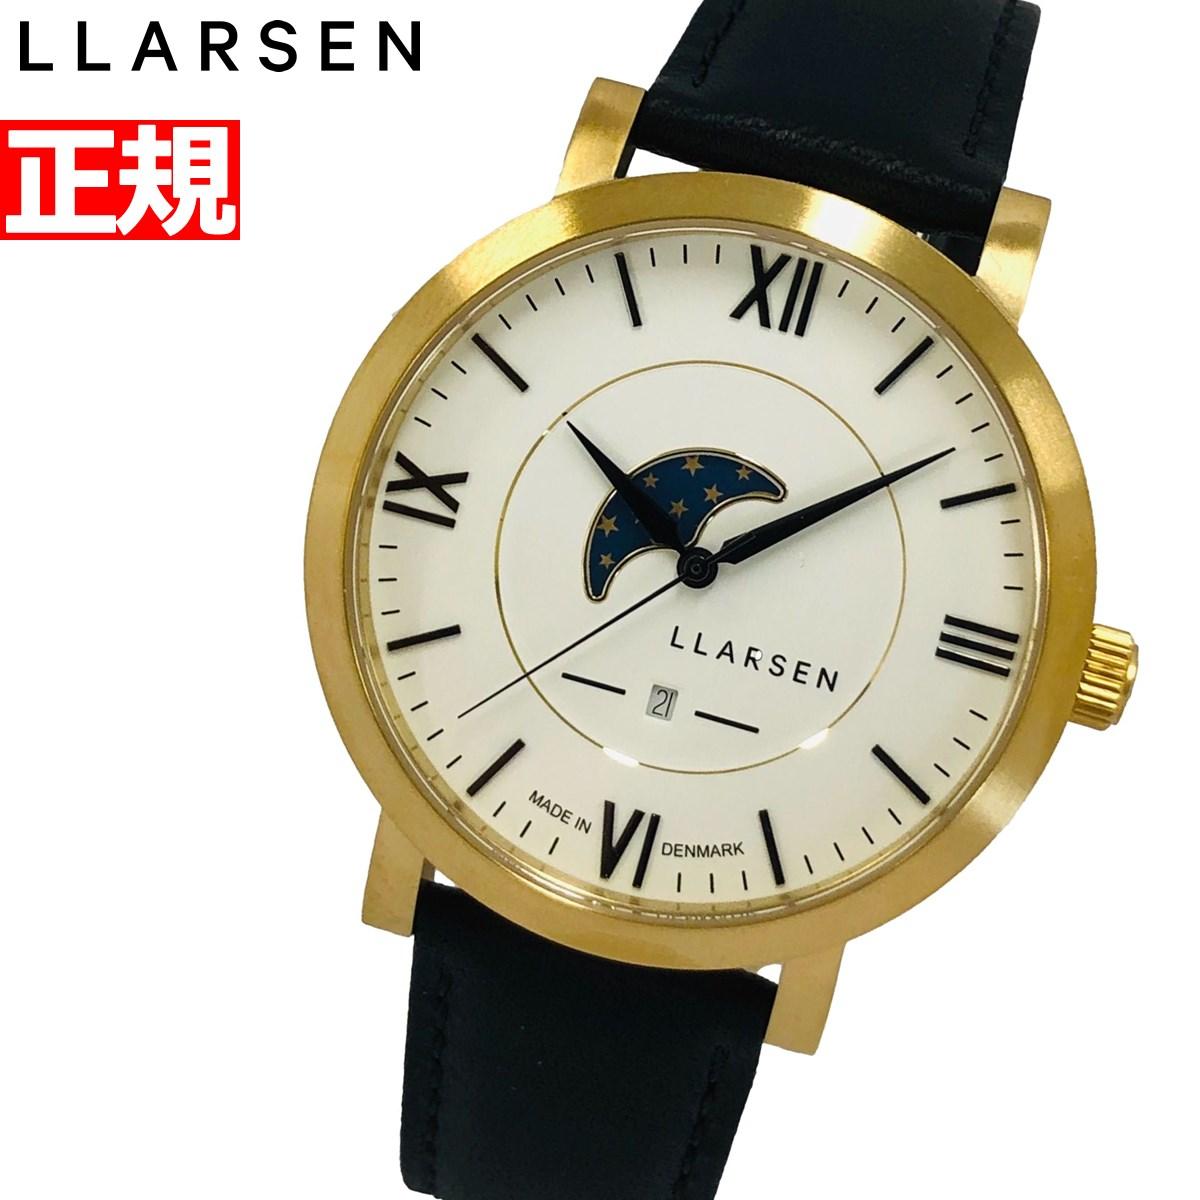 【5日0時~♪2000円OFFクーポン&店内ポイント最大51倍!5日23時59分まで】エルラーセン LLARSEN 腕時計 メンズ ヒューゴ HUGO LL180GWCL【2020 新作】